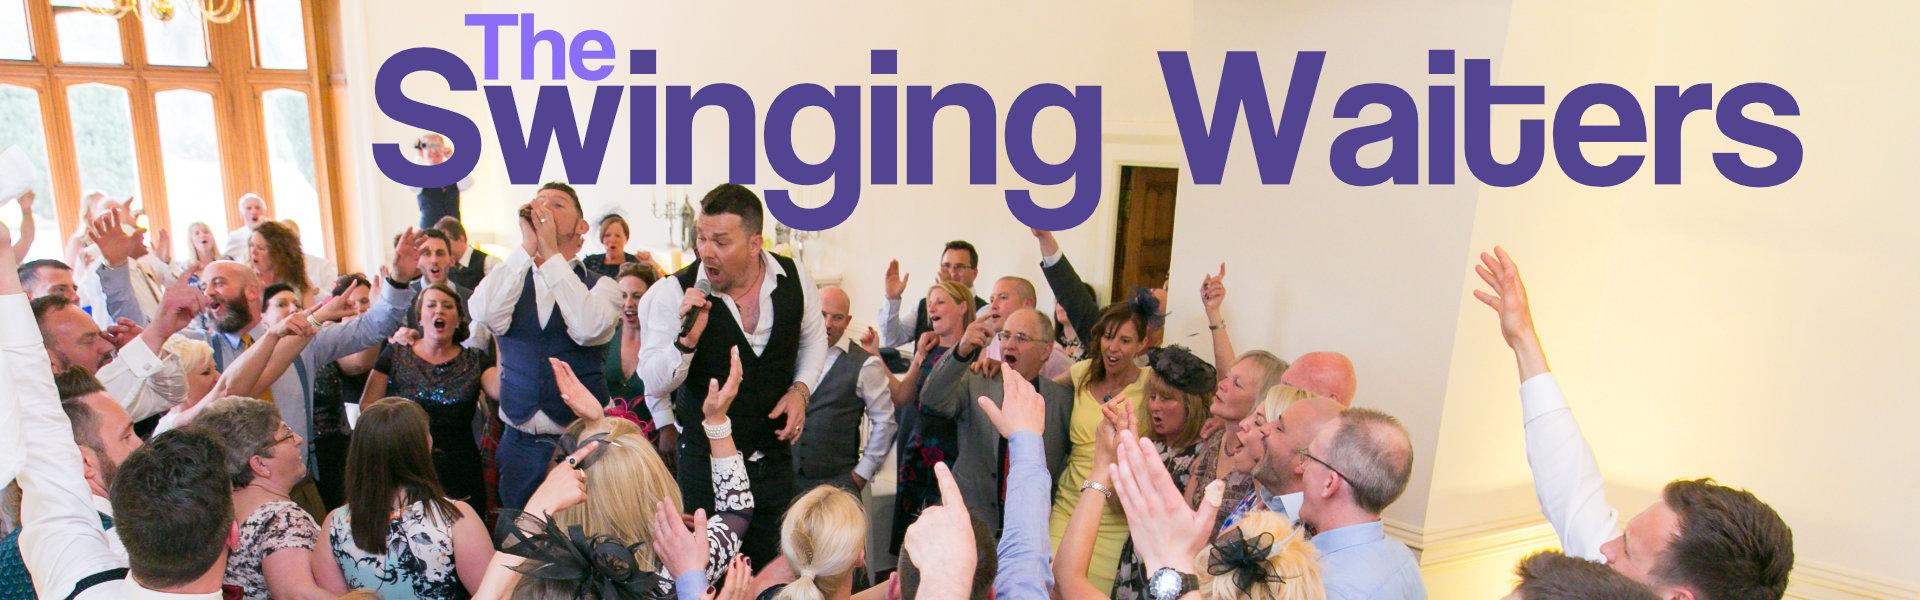 Swinging Waiters header